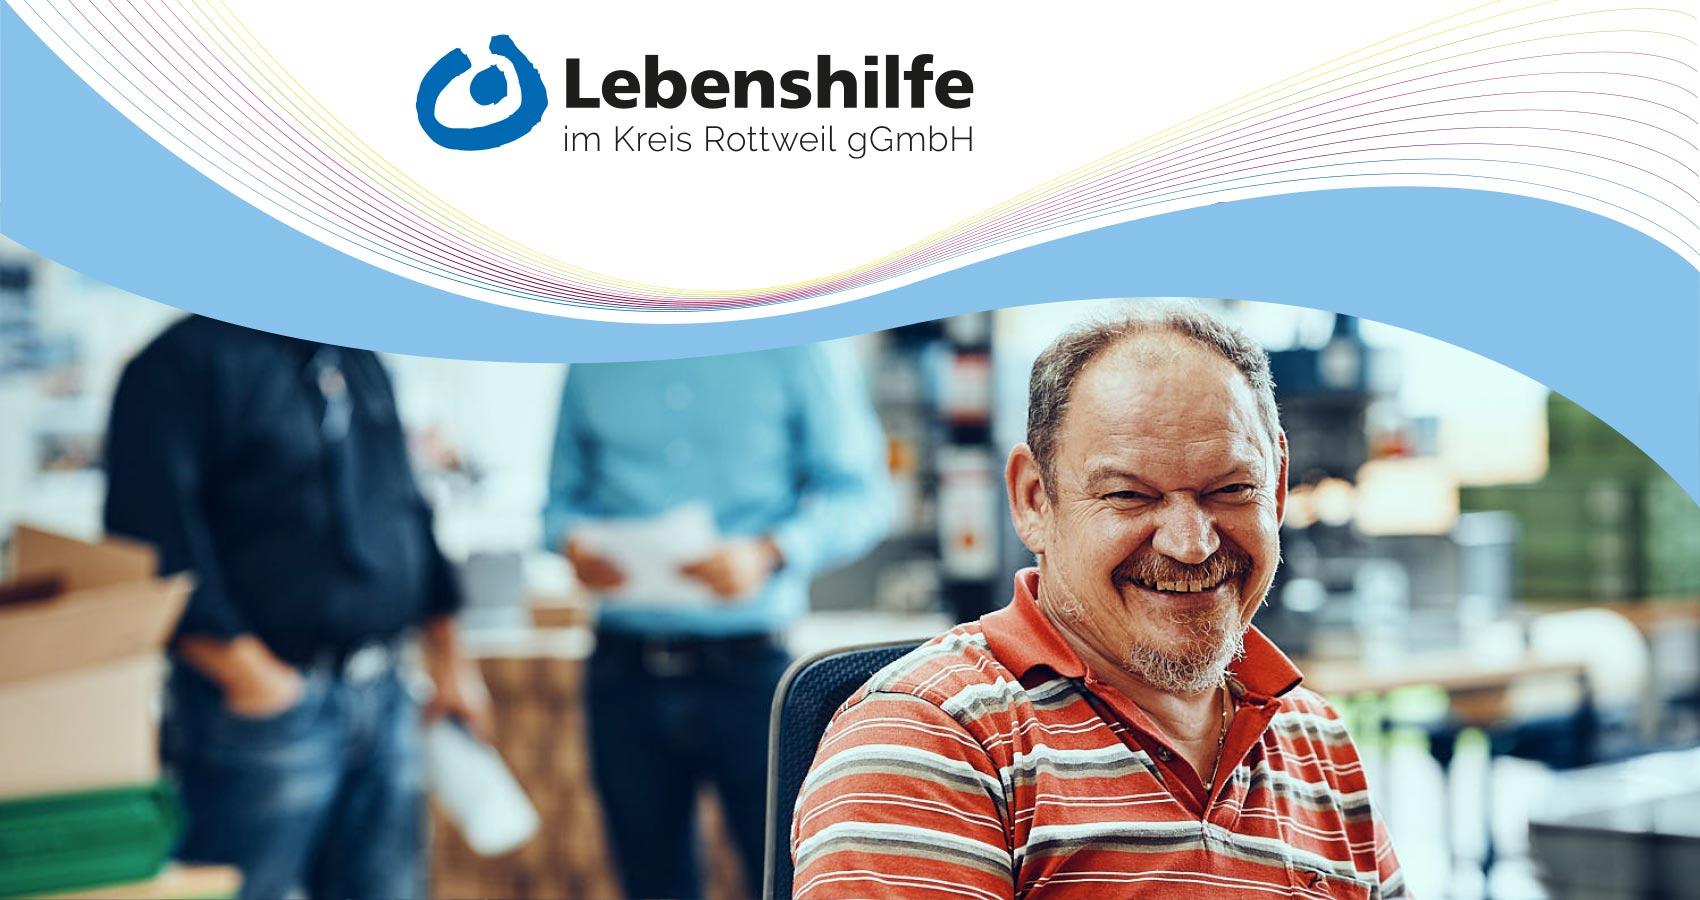 Lebenshilfe im Kreis Rottweil gGmbH - Arbeitsbereich Kunststoff